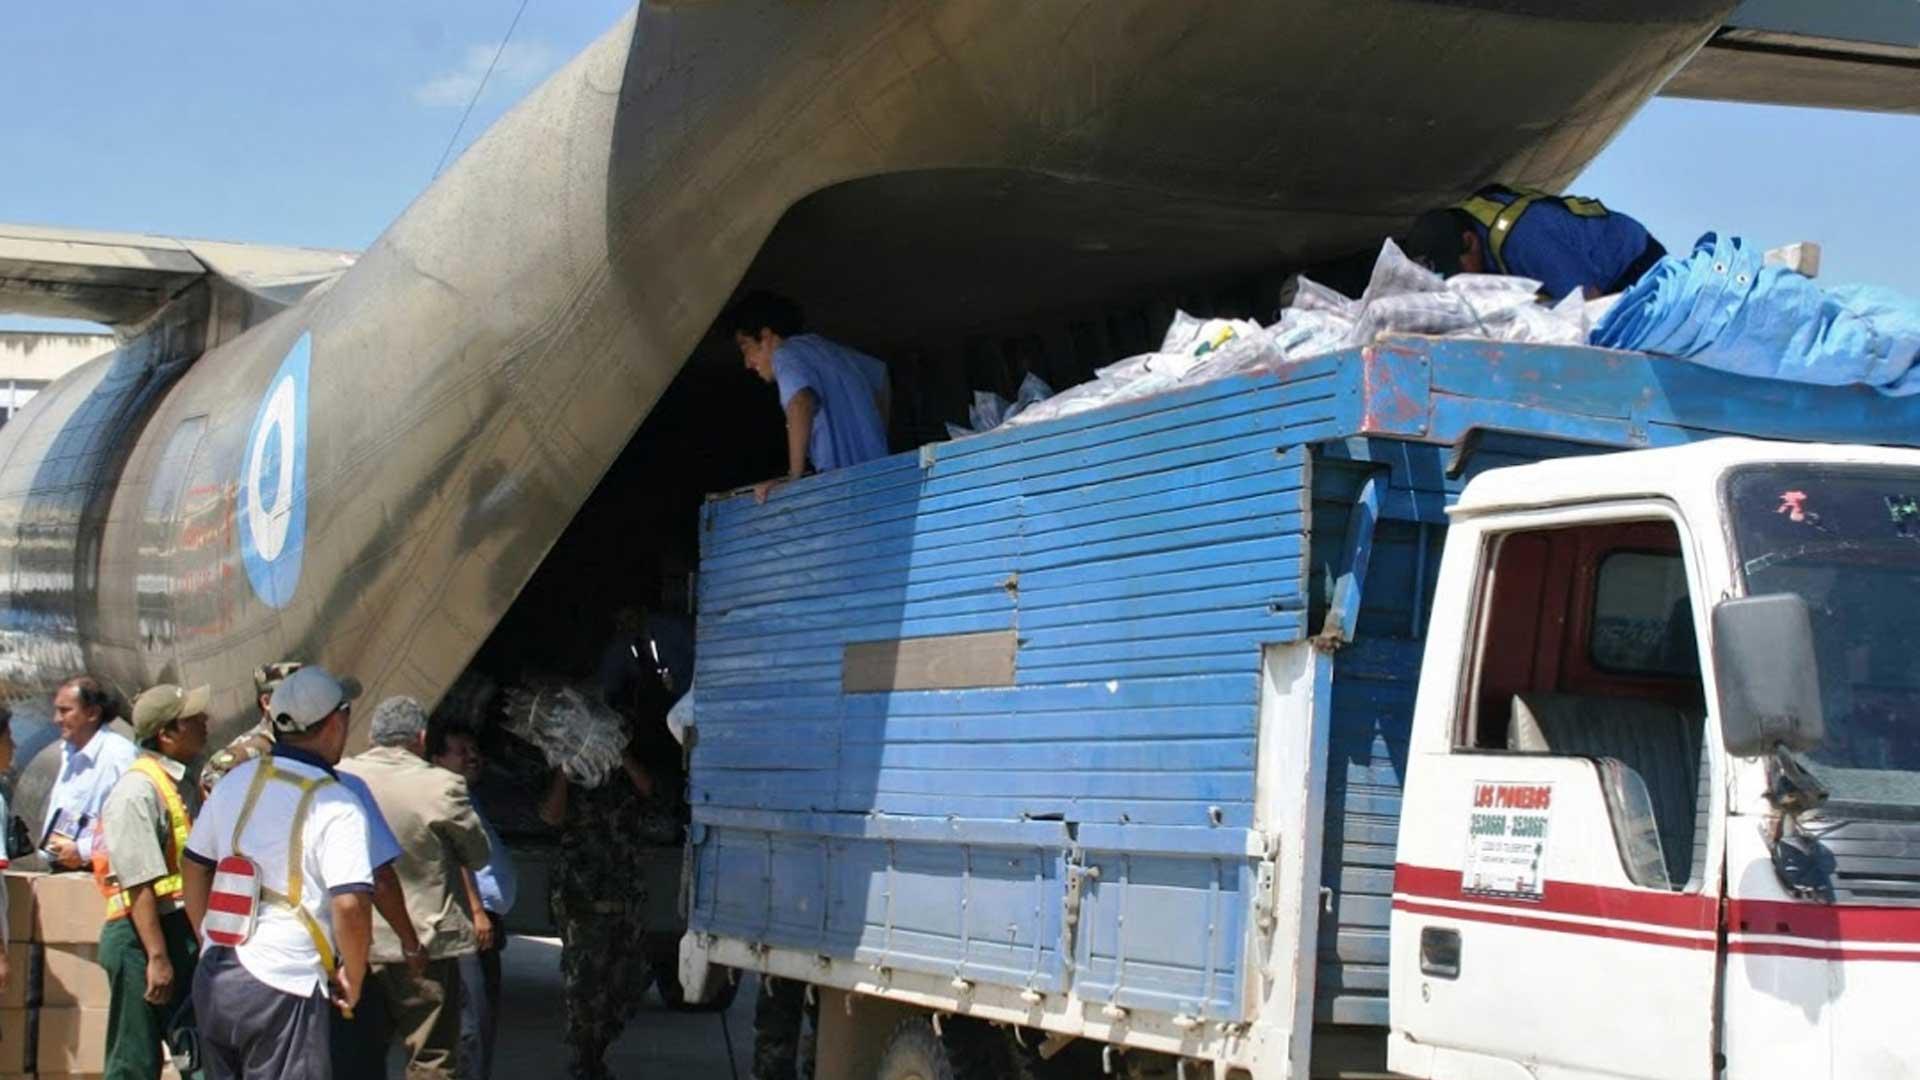 La ayuda humanitaria, de Argentina al mundo. Foto: Gentileza Cascos Blancos.